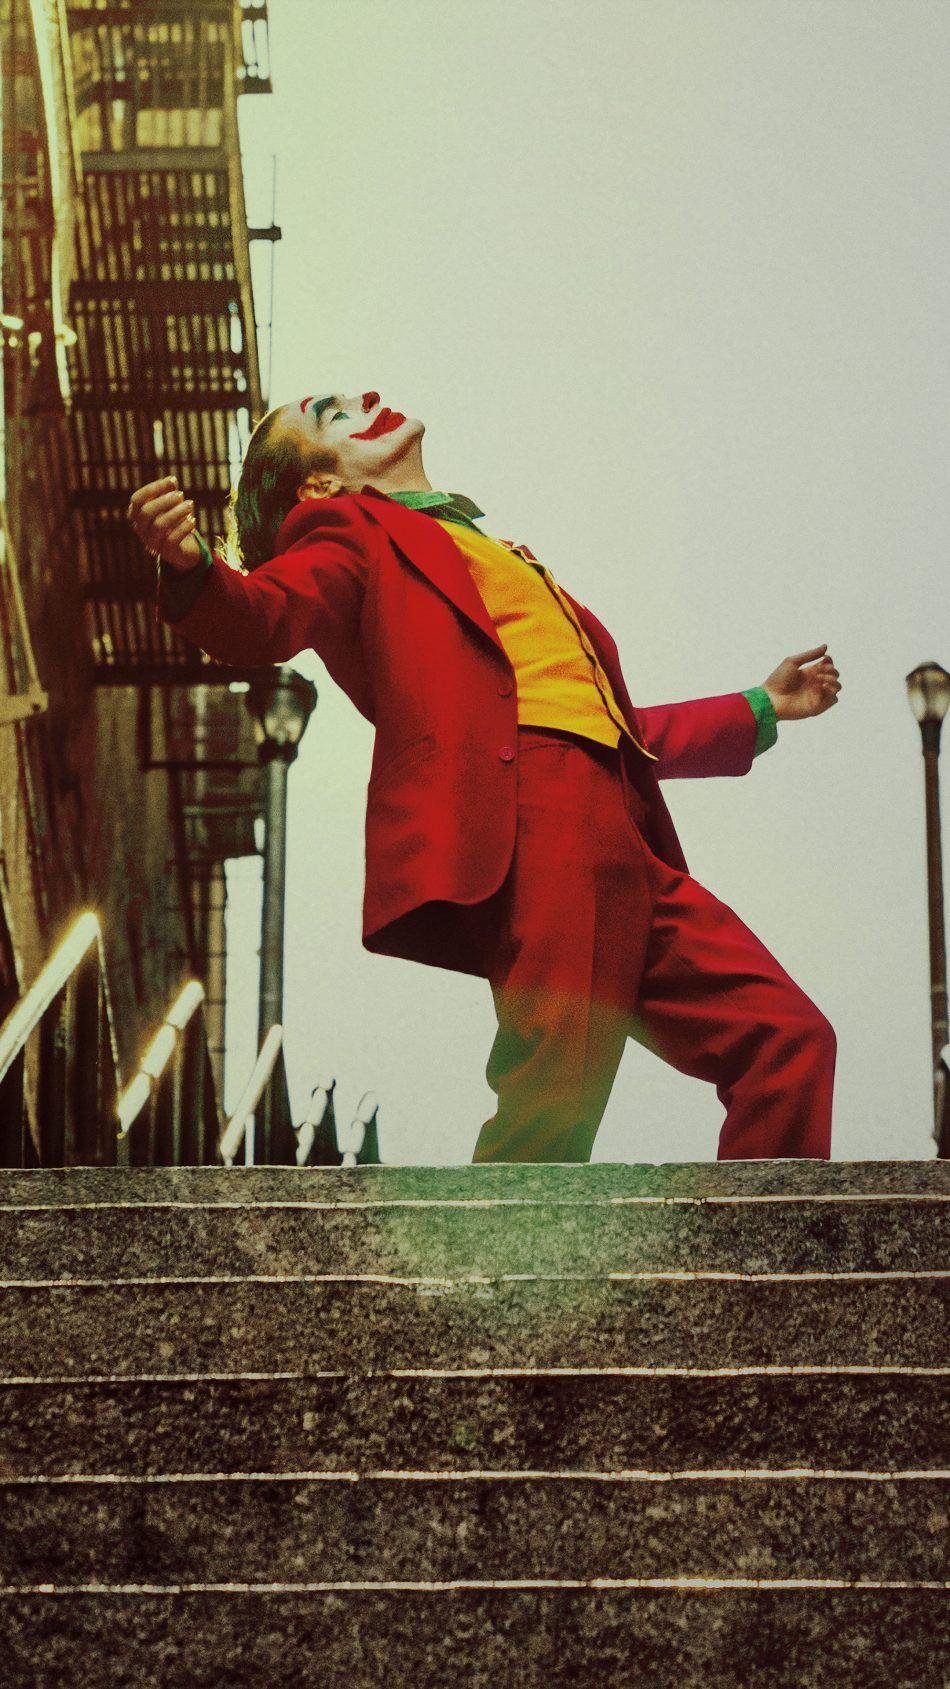 Joker 2019 Joker Hd Wallpaper Joker Poster Joker Film